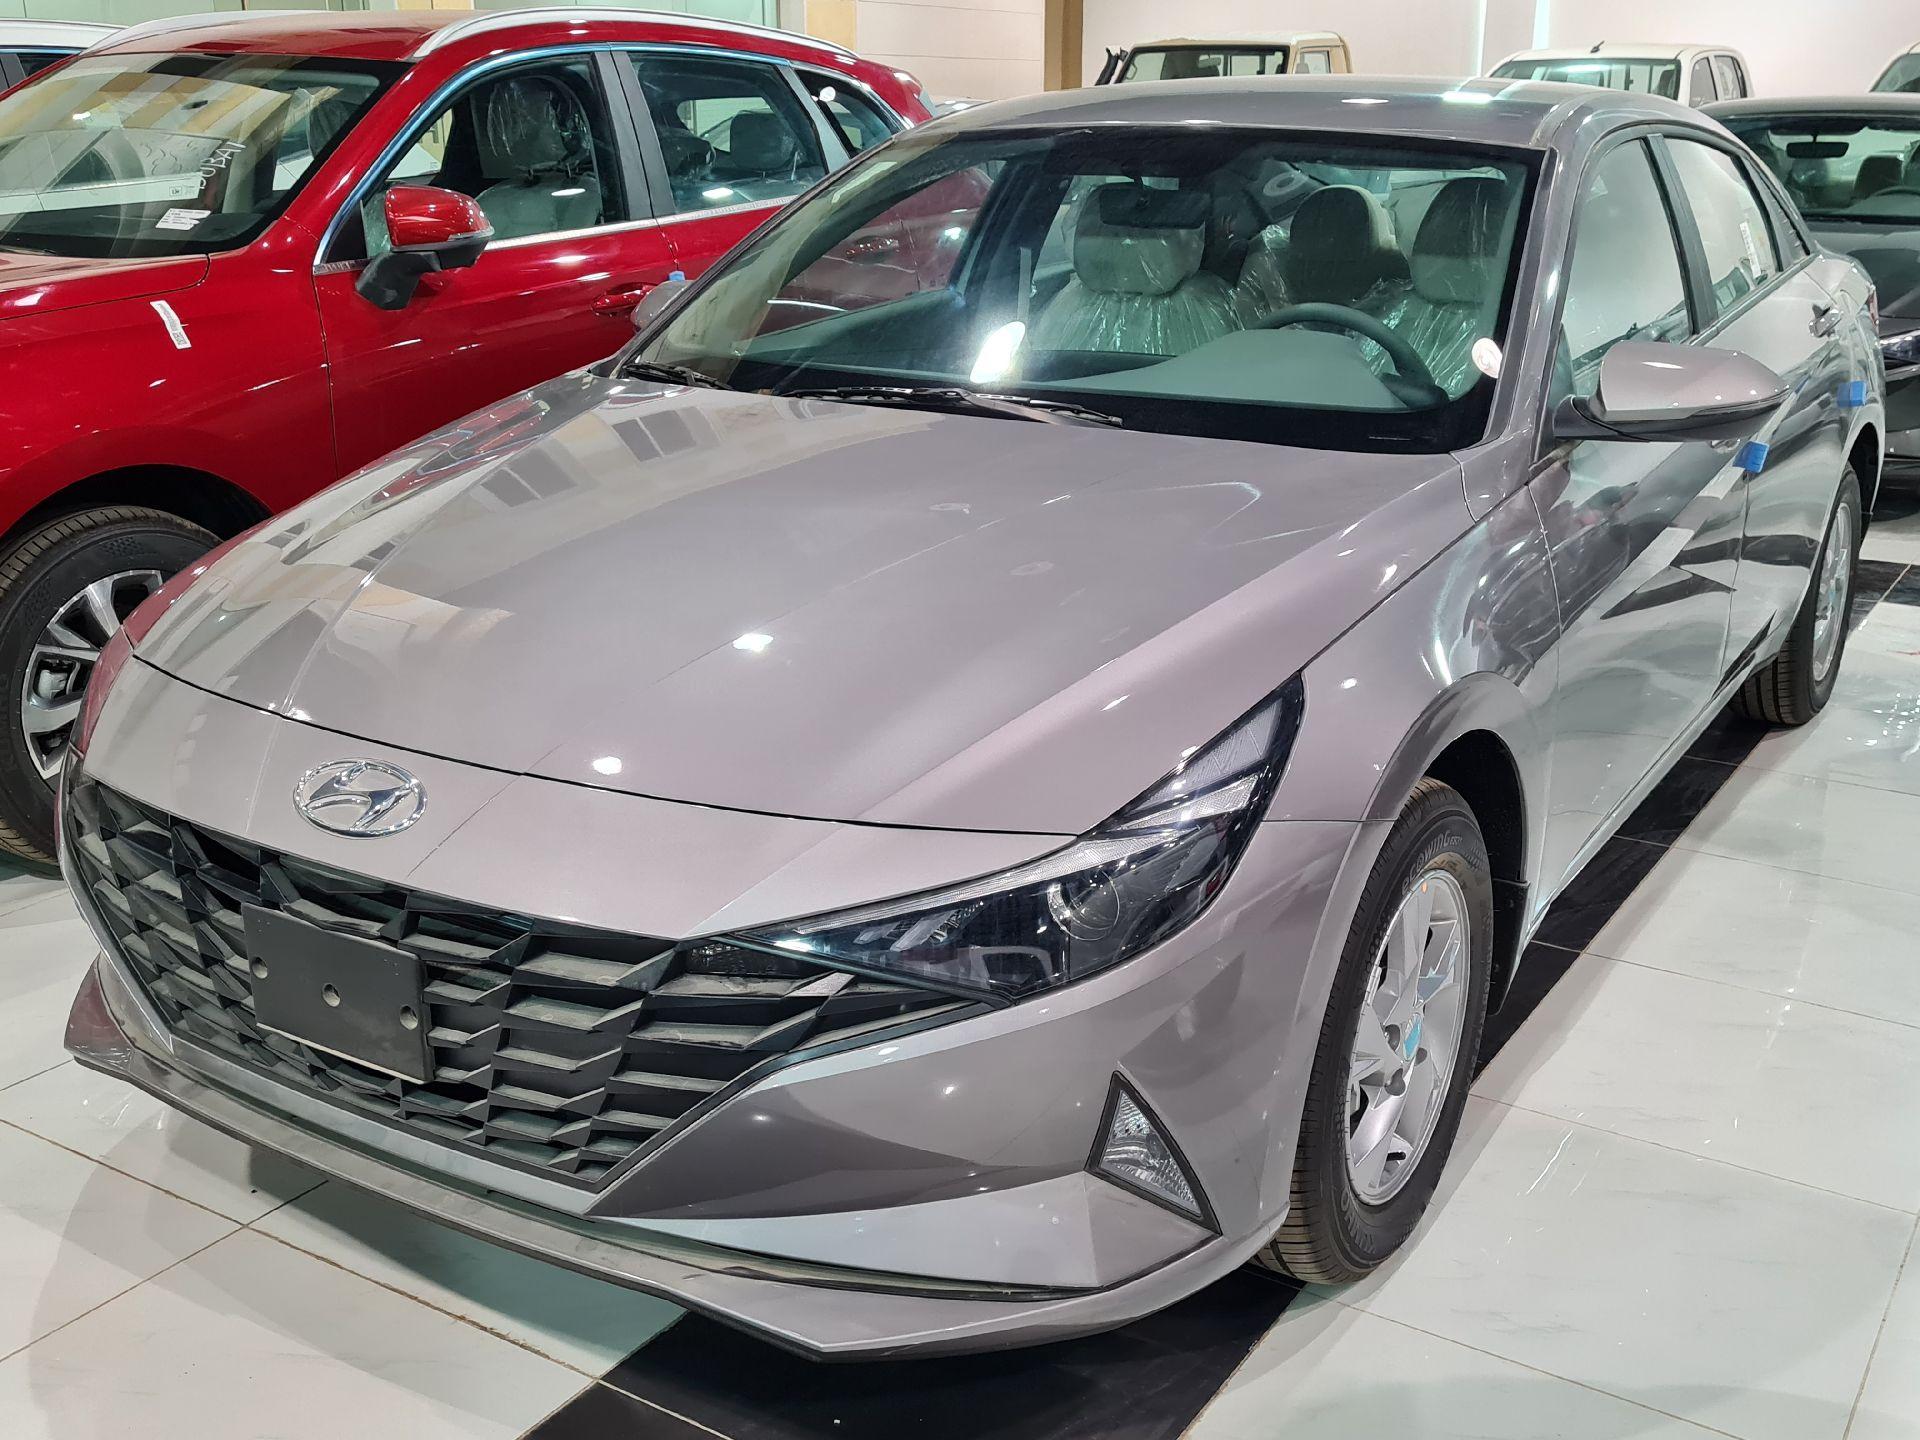 هونداي النترا Smart 2021 ستاندر سعودي للبيع في الرياض - السعودية - صورة كبيرة - 1